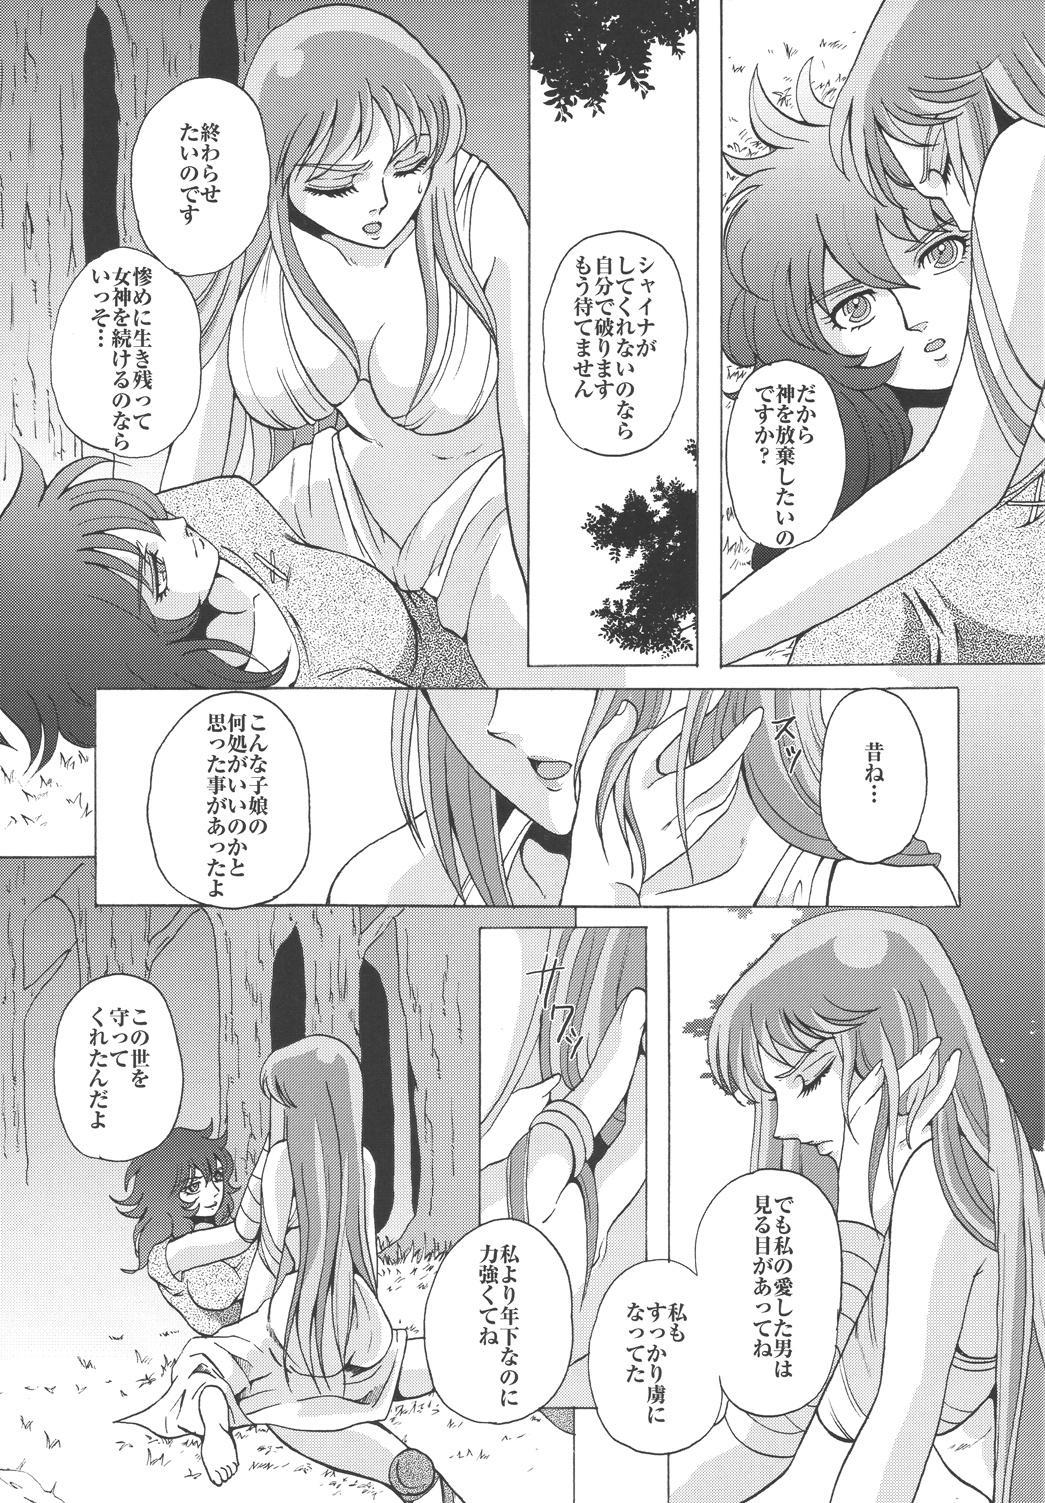 Megami-tachi no Requiem 16